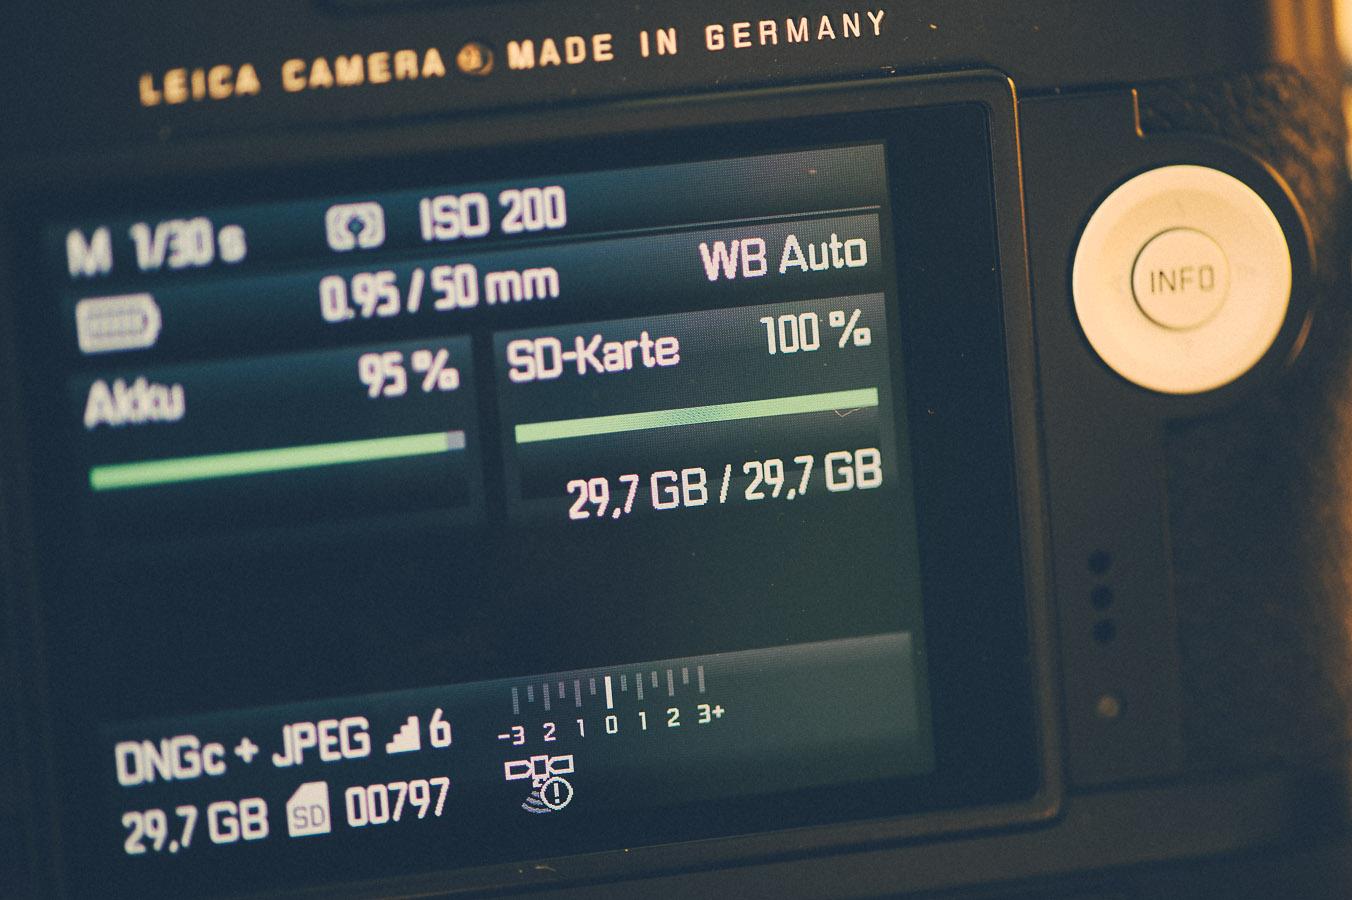 Anzeige im Kameradisplay ohne Satellitenempfang